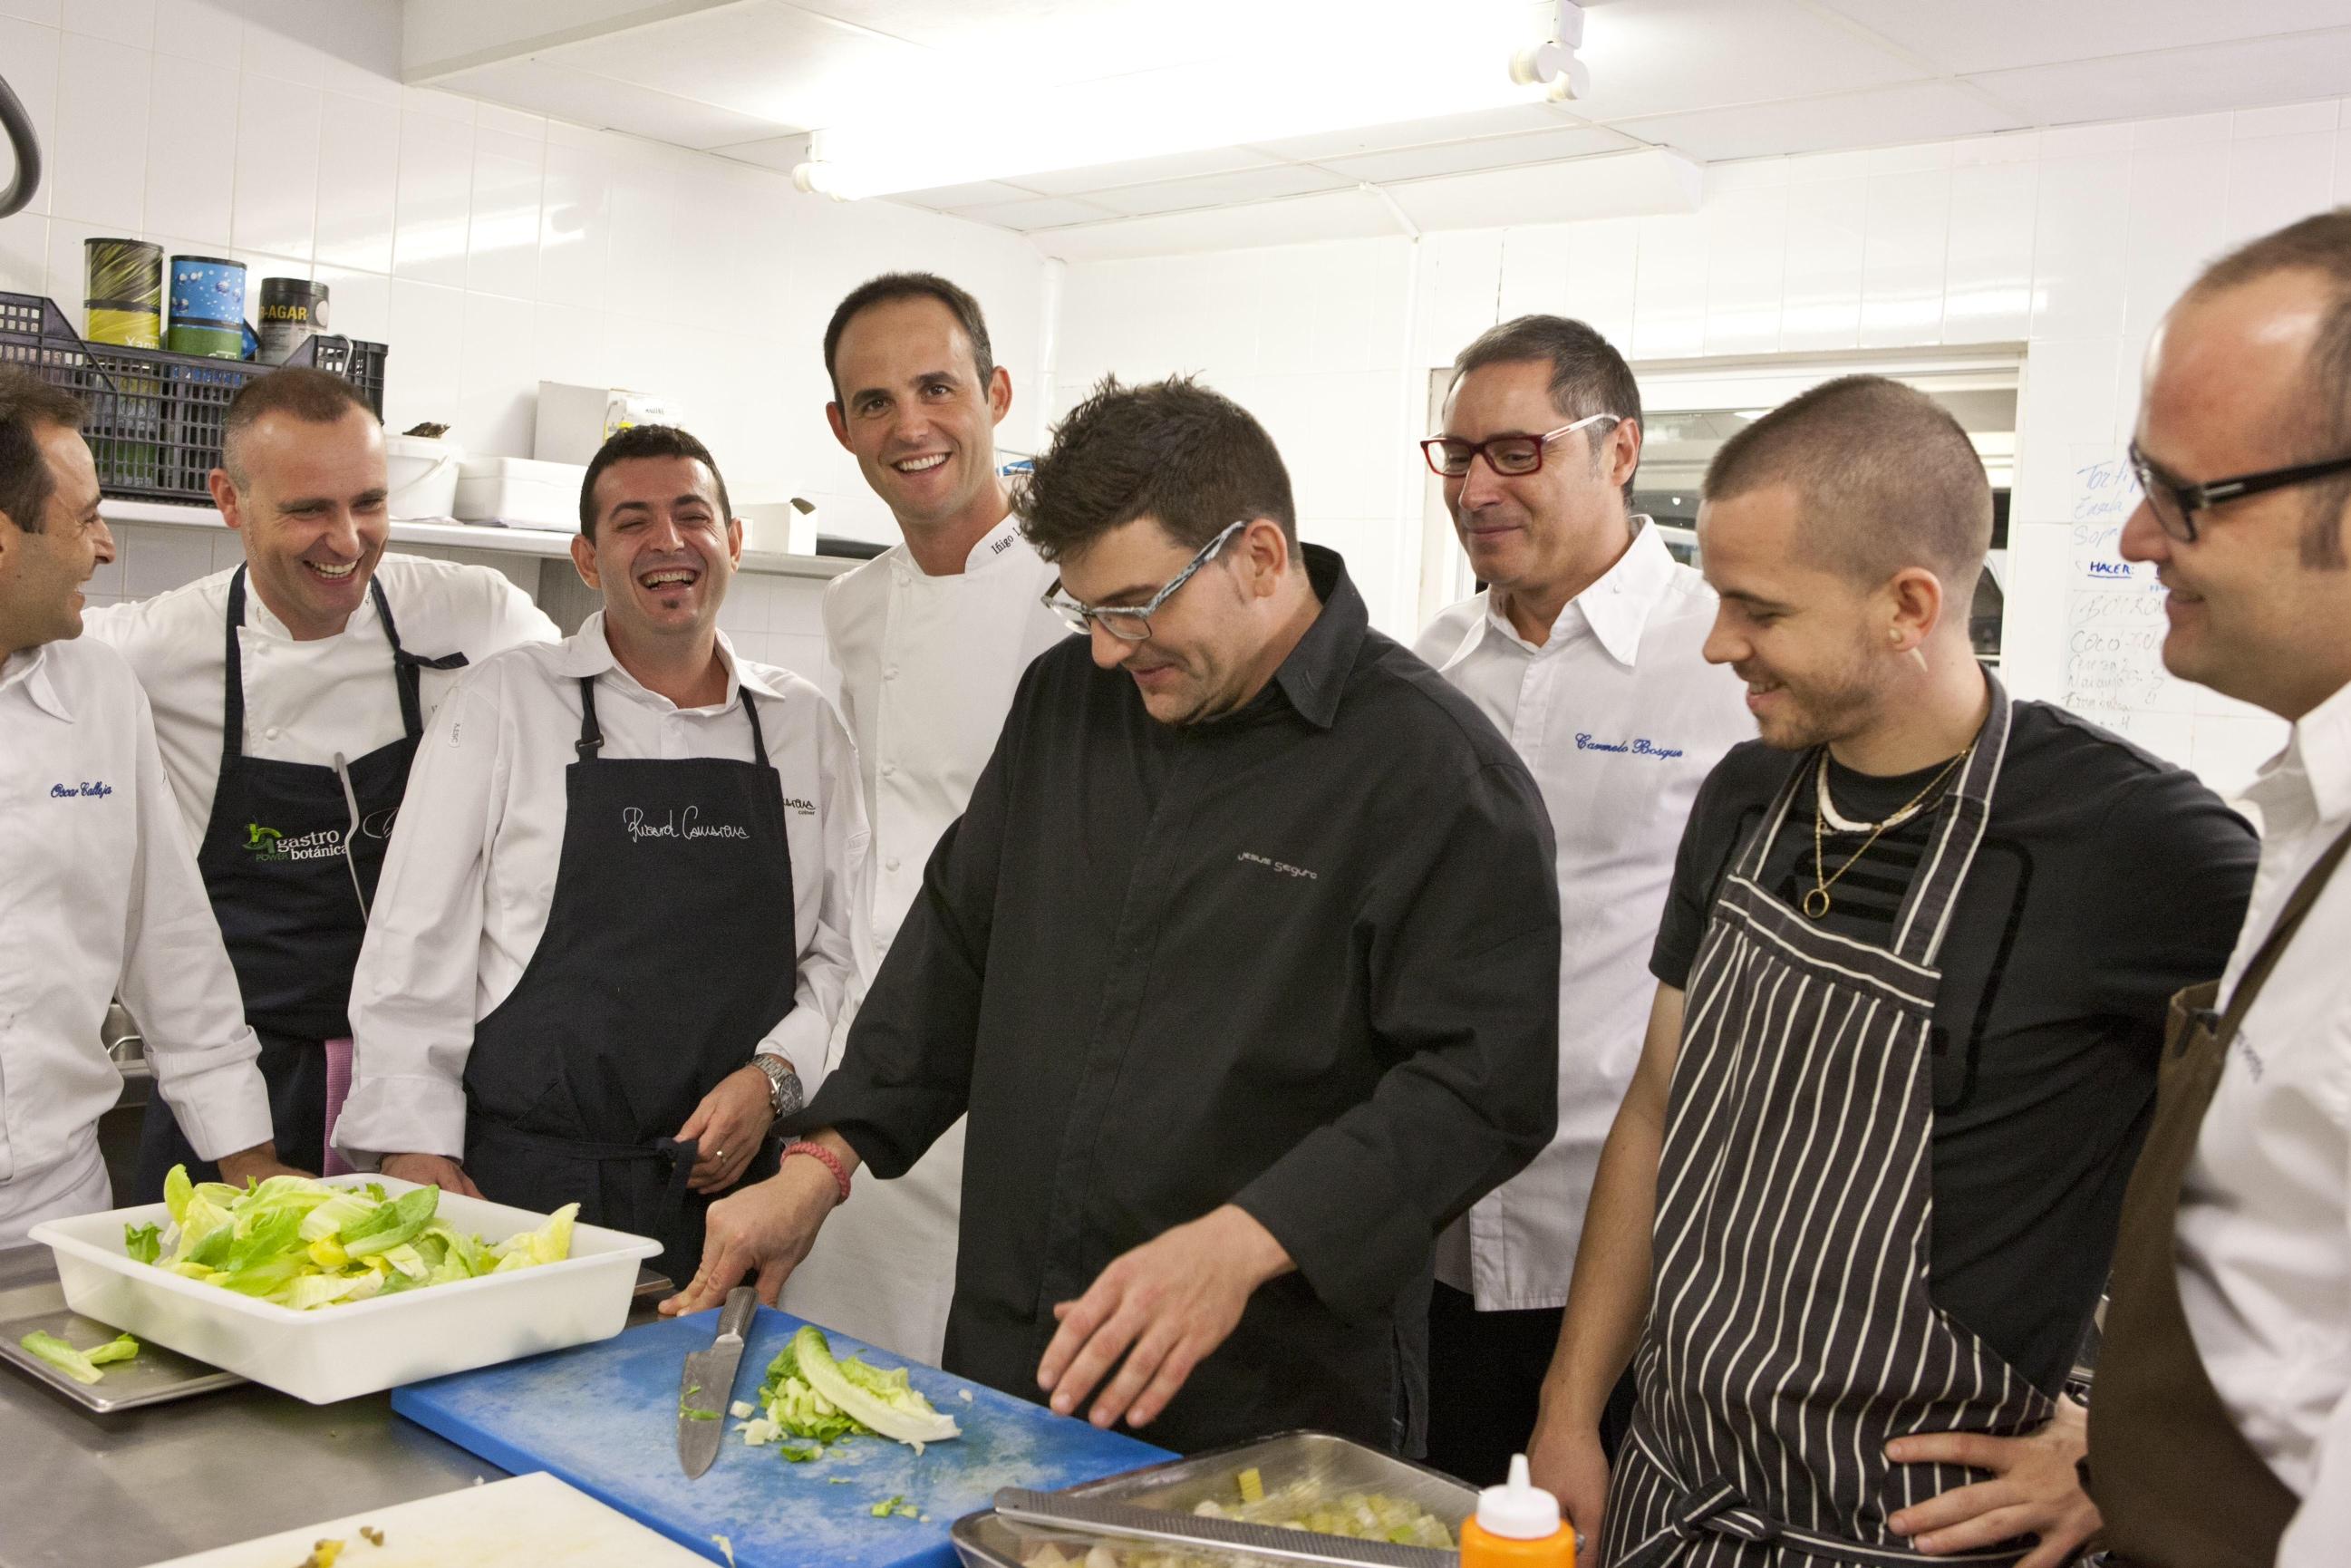 10-Premios-cocinero-revelacion34